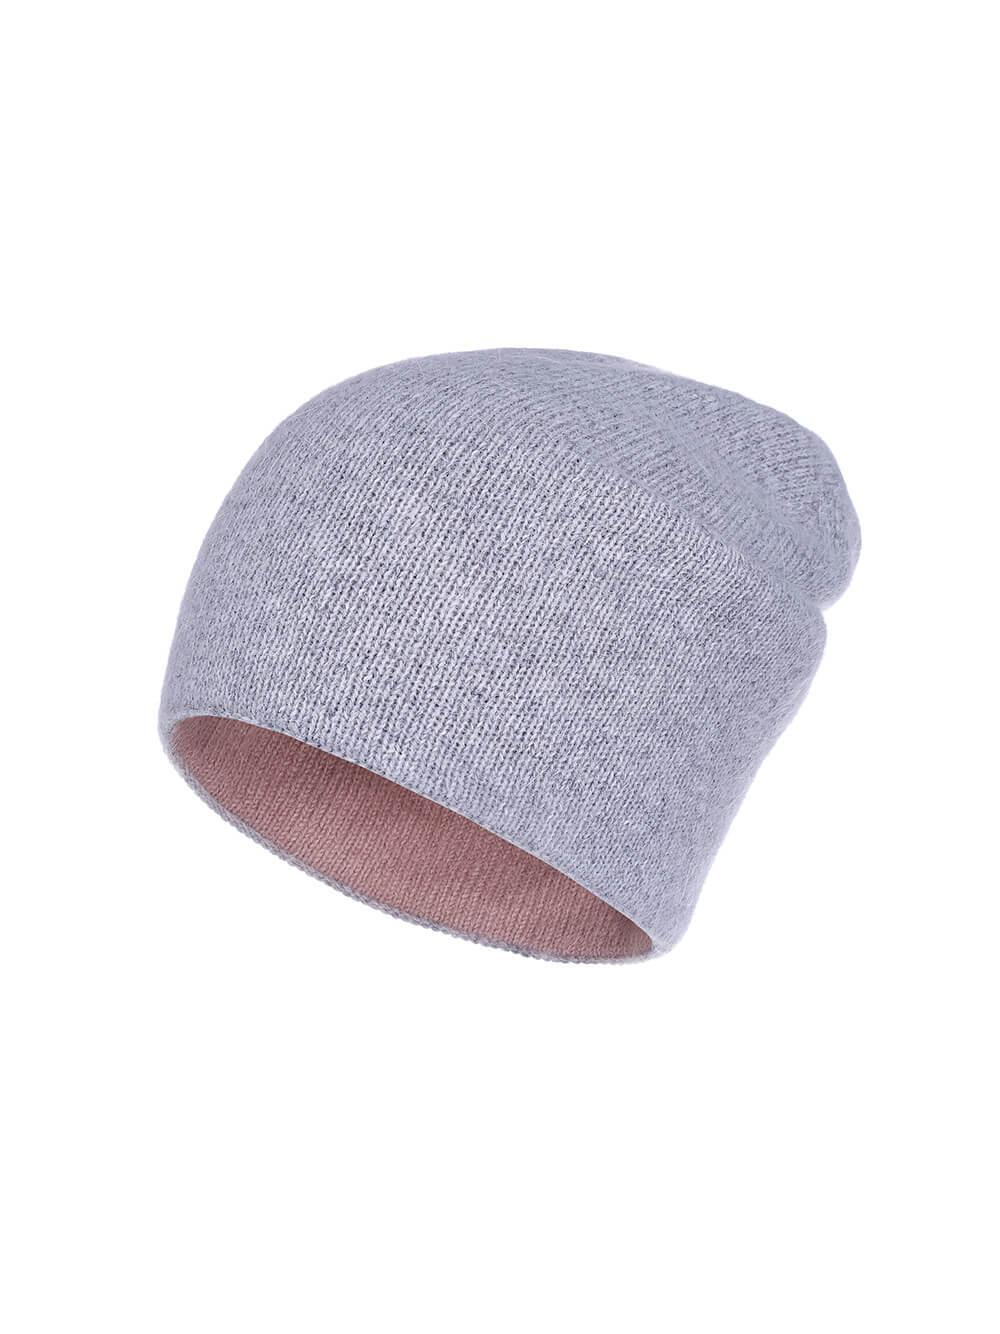 Женская шапка бежево-розового цвета из ангоры - фото 1